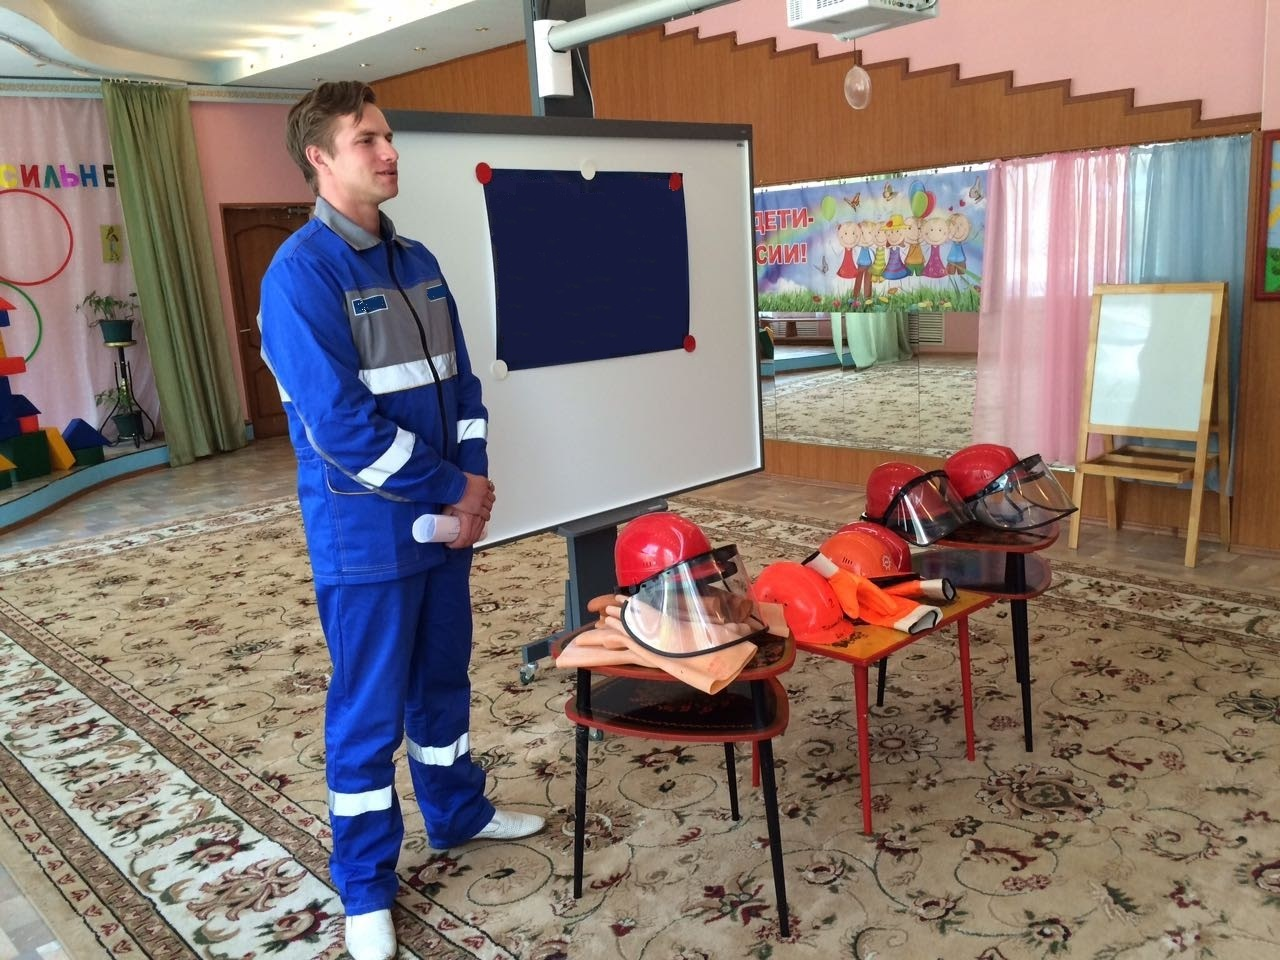 Для школьников Москвы планируют снять мультфильм о бережном обращении с электричеством